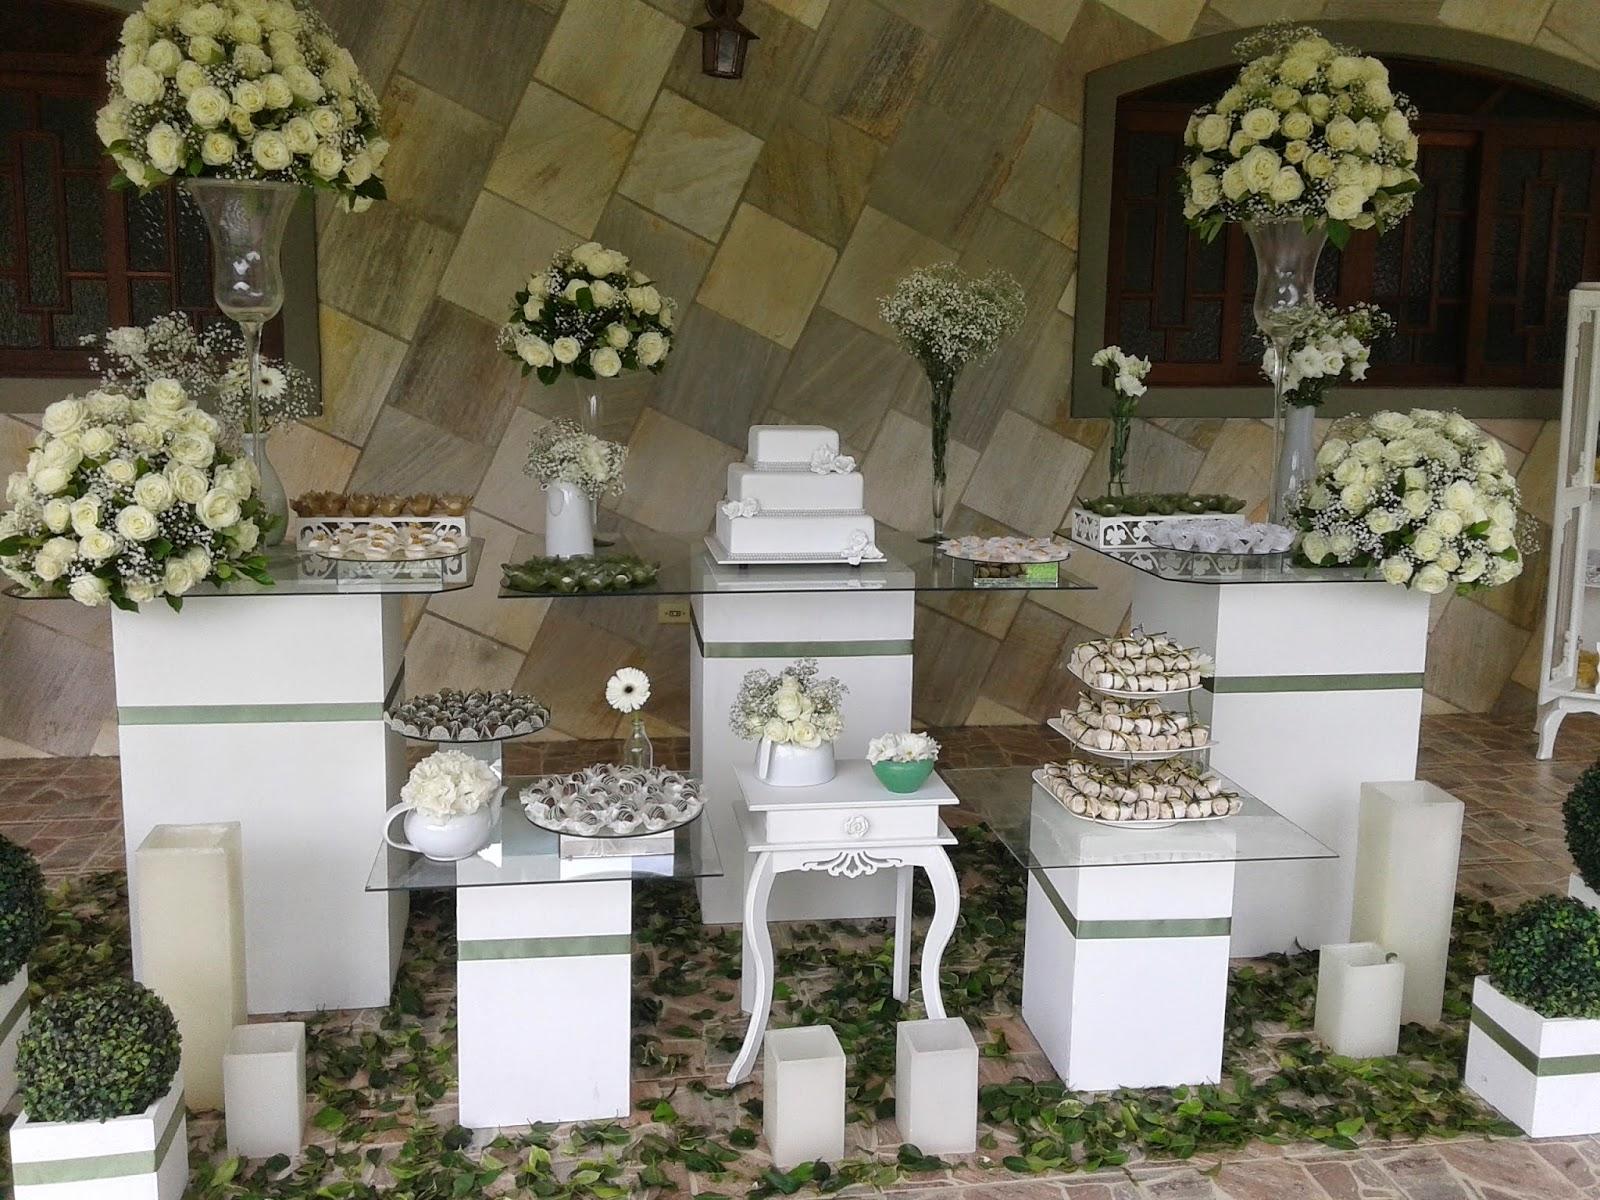 decoracao branca e verde para casamento : decoracao branca e verde para casamento:de Casamentos e Festa Tagliari: Decoração de Casamento – Verde e